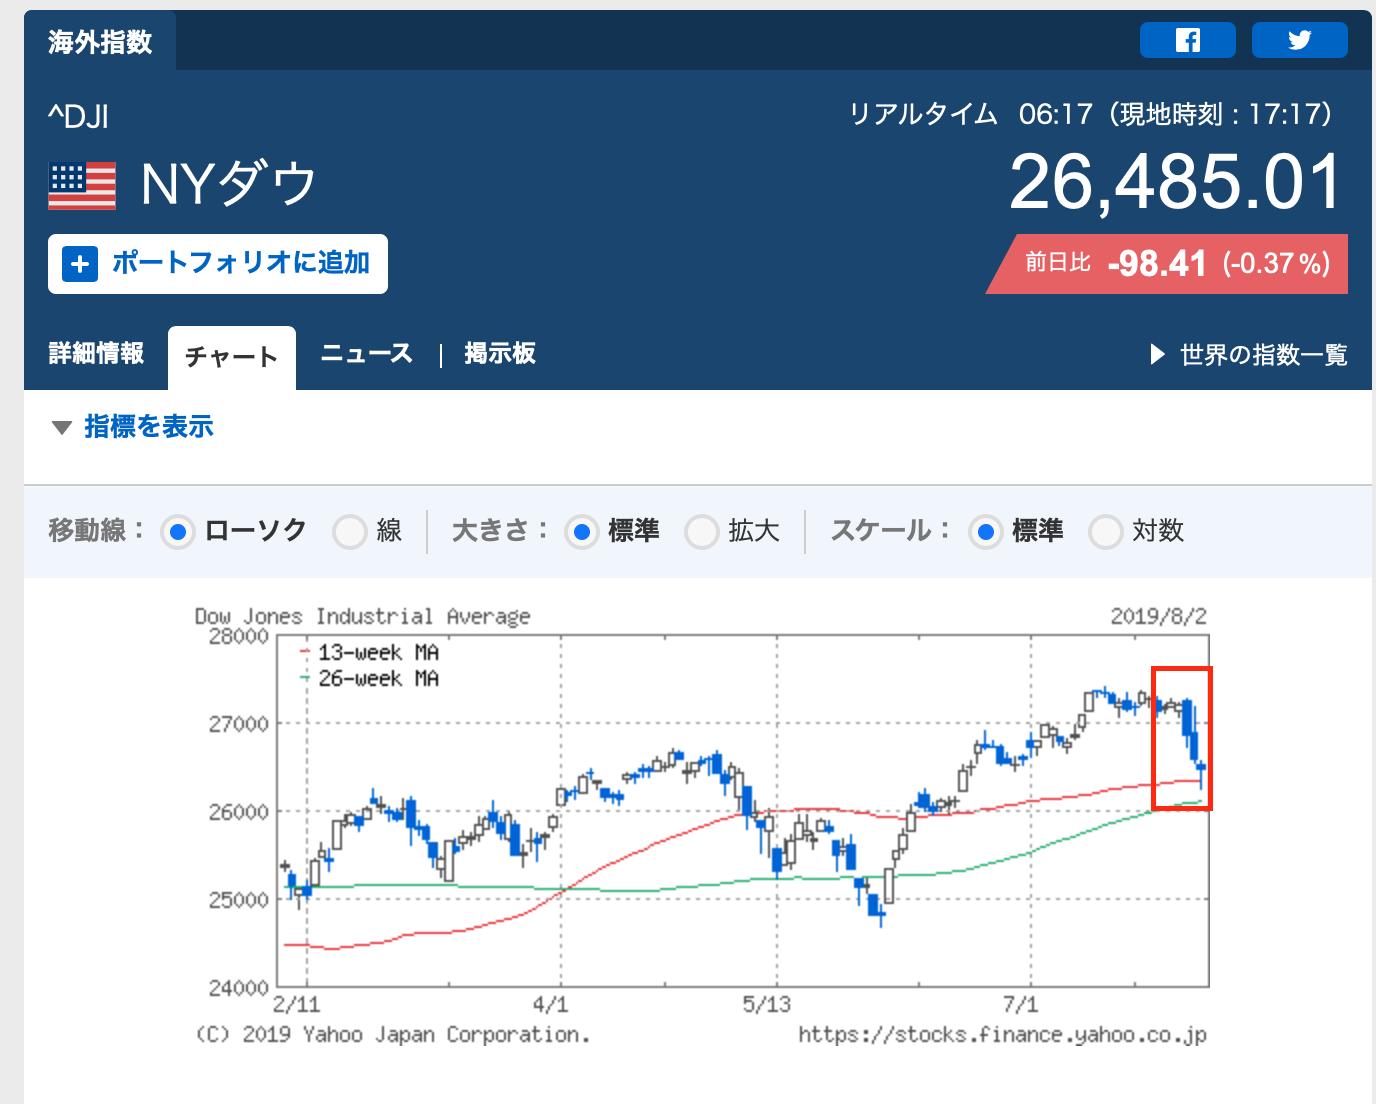 米中紡績戦争によるNYダウ平均株価の急落